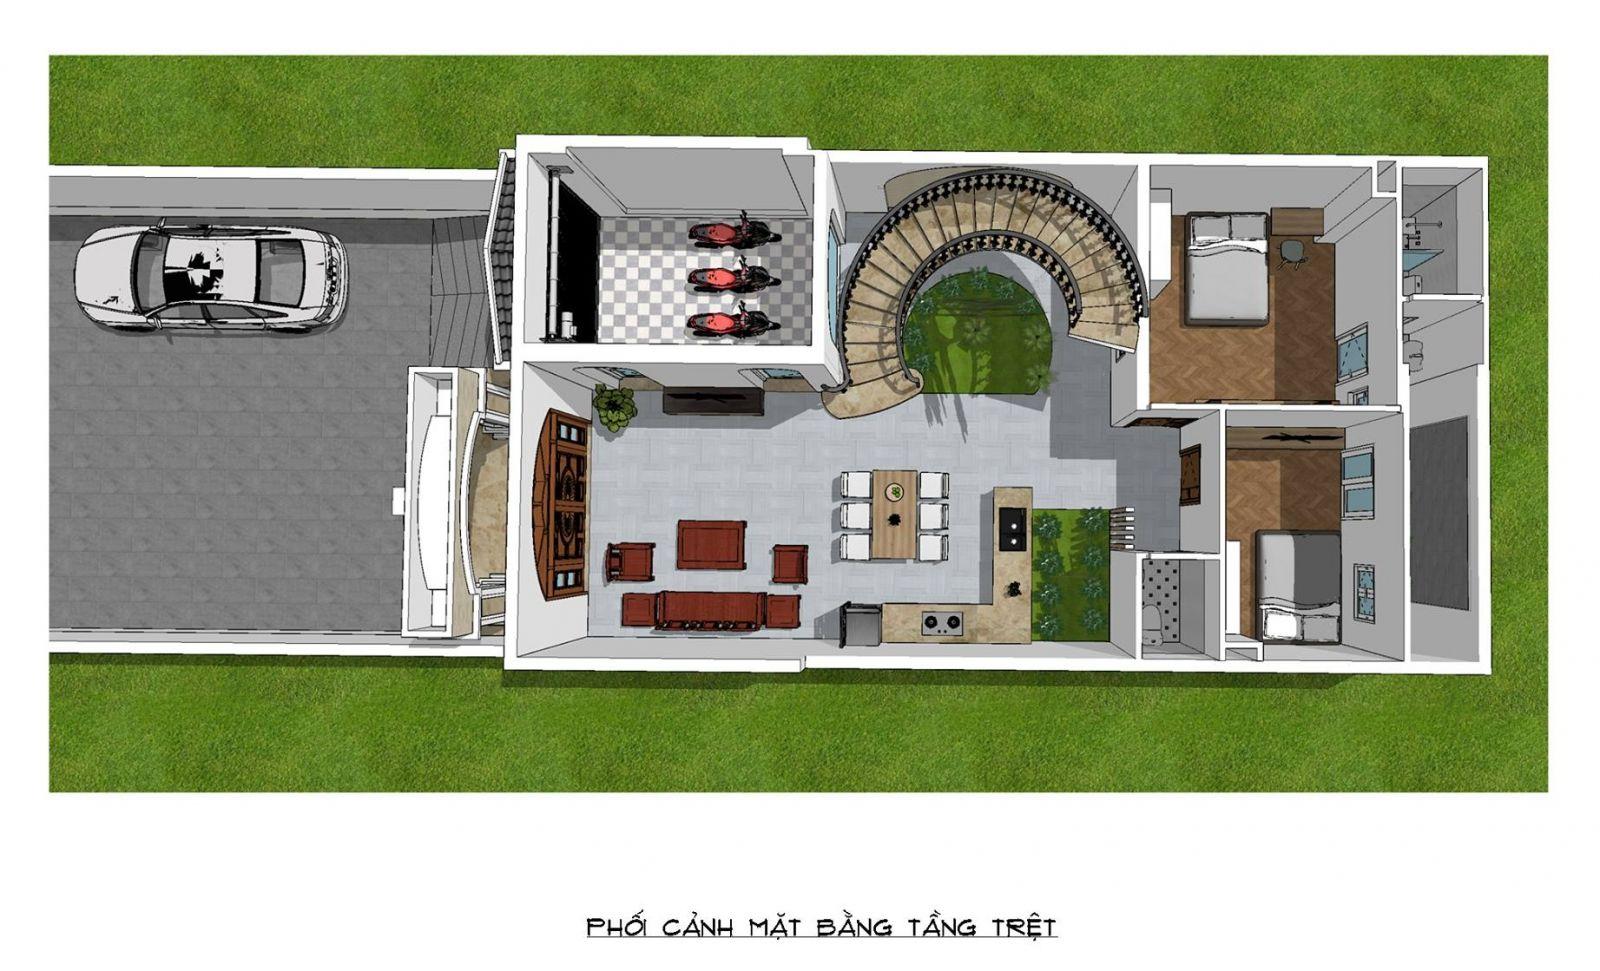 Phối cảnh mặt bằng nhà mặt phố mái thái 2 tầng